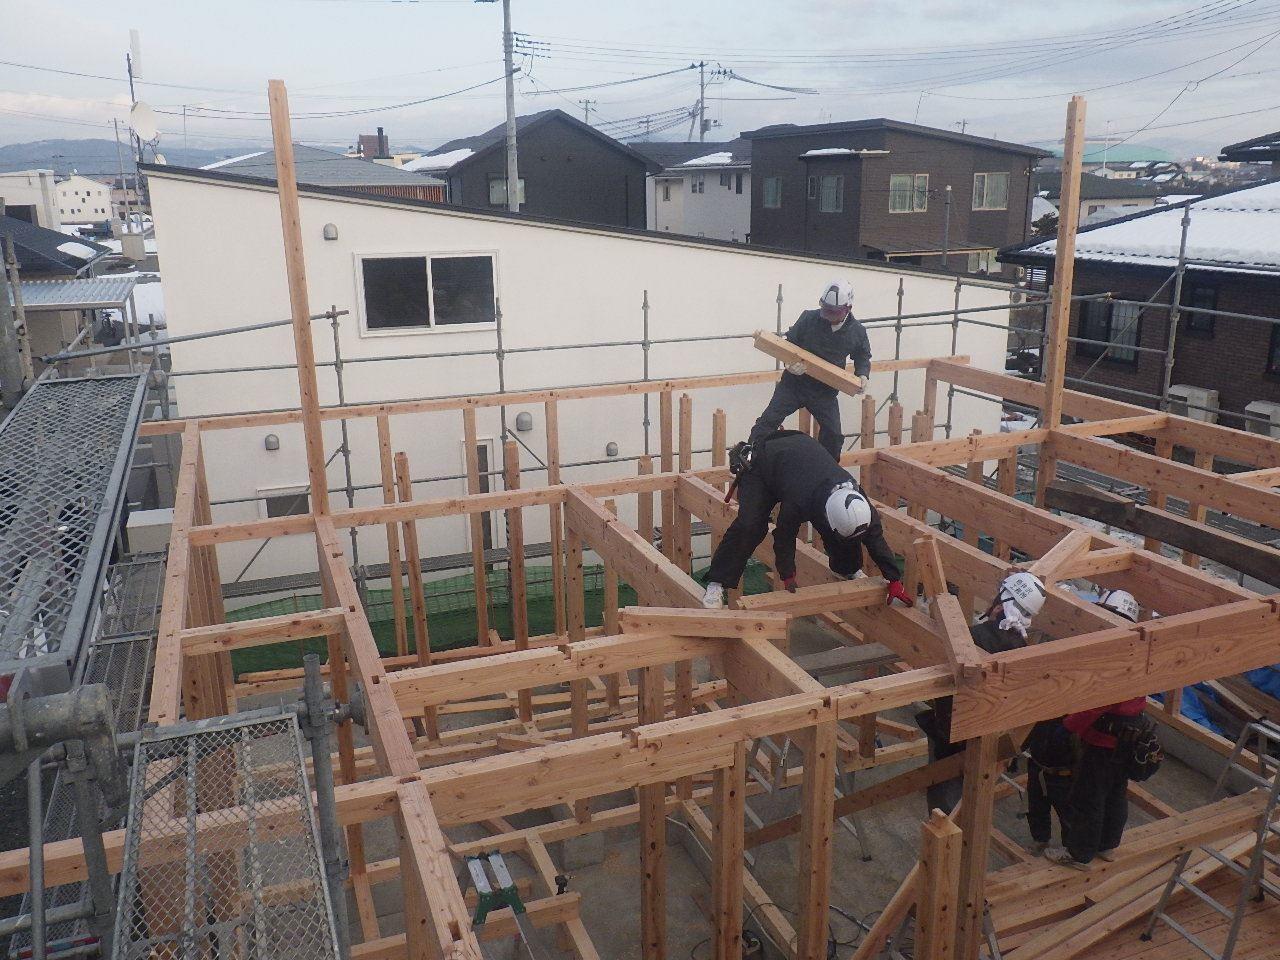 下太田 古材新築の家 建て方作業スタート!_f0105112_04425588.jpg